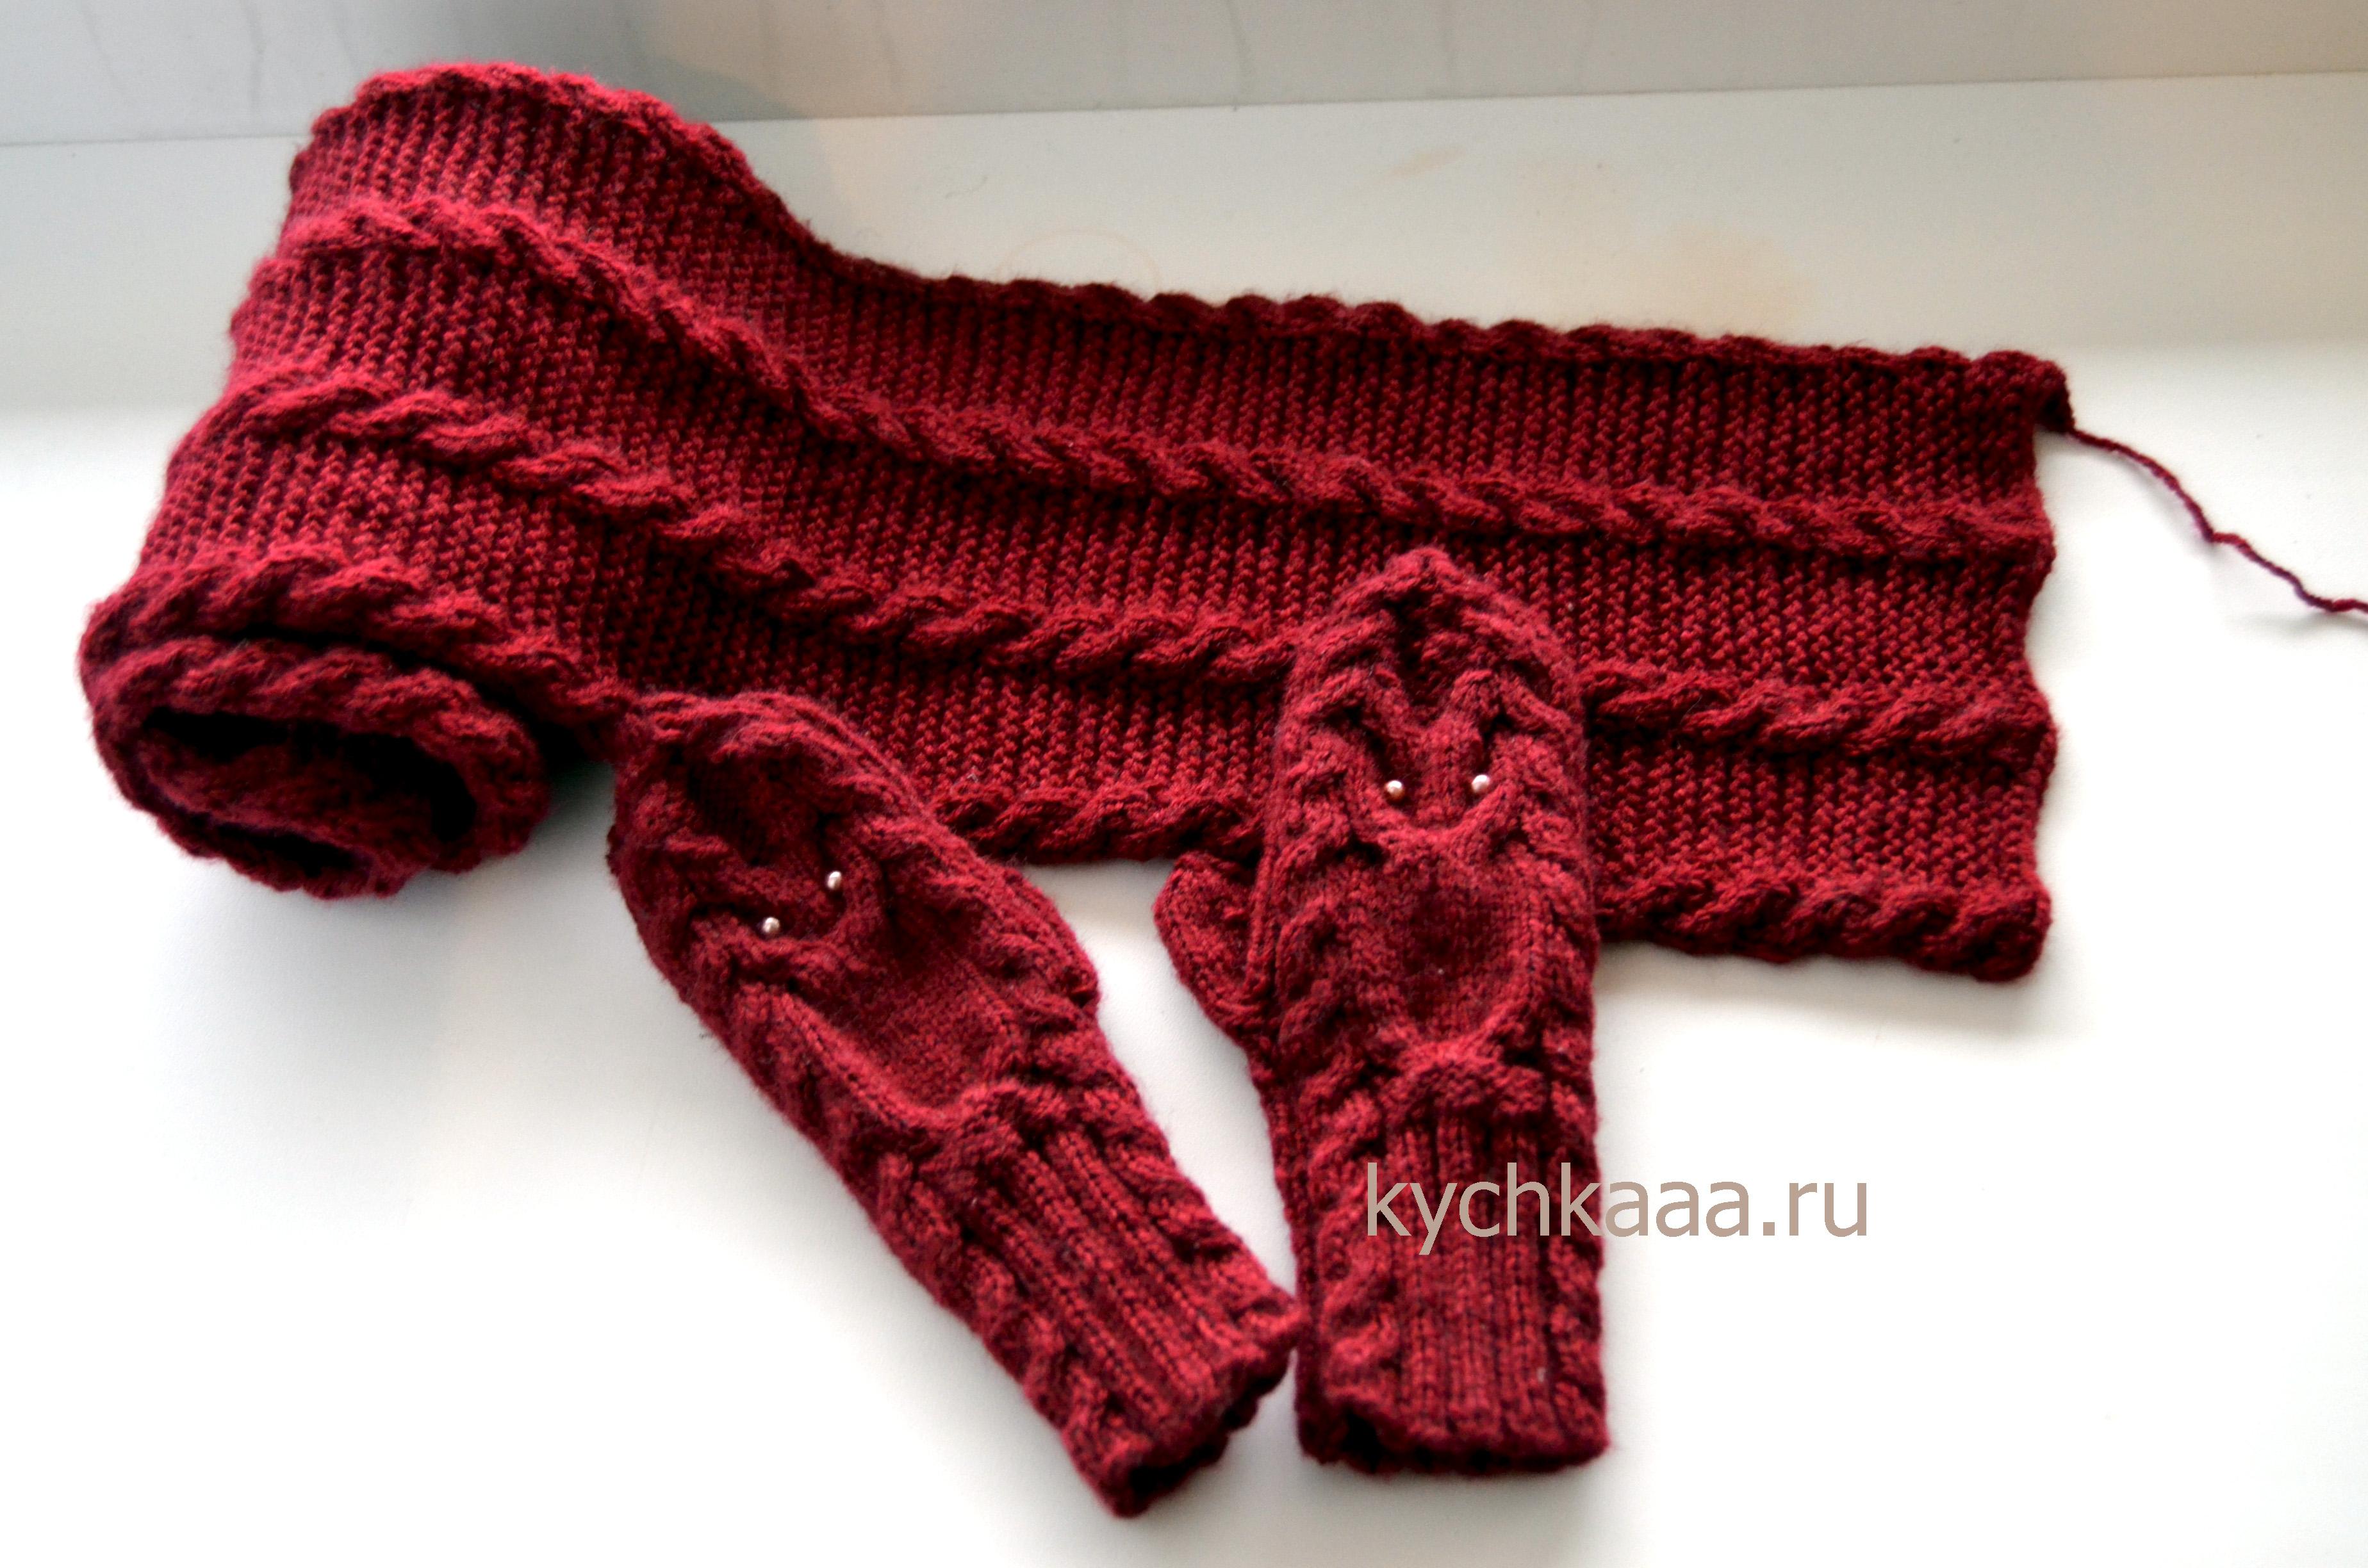 Вяжем спицами ажурный шарф с узором косы и очень красивые варежки